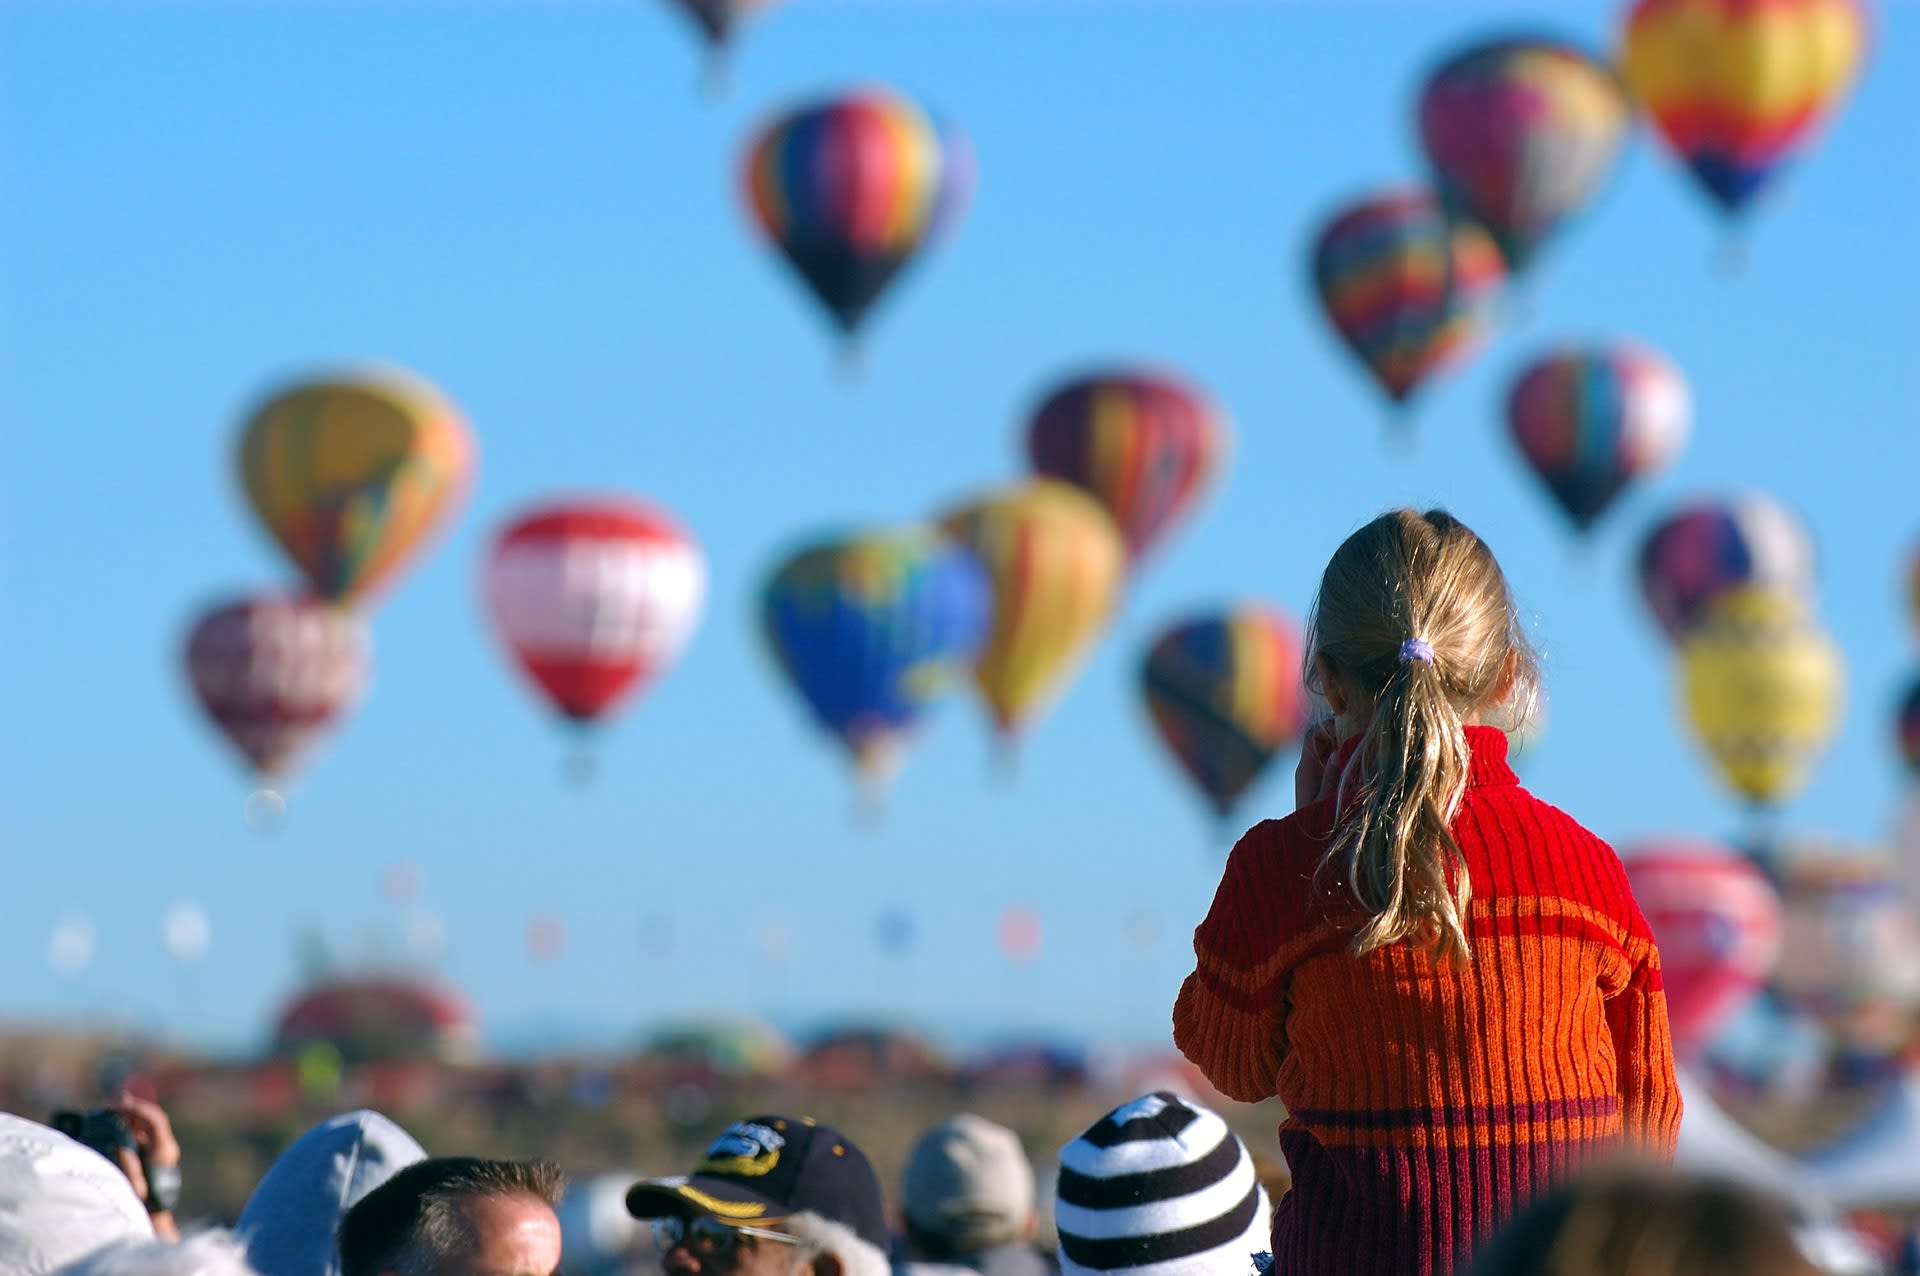 Leute vor fliegenden Heißluftballons